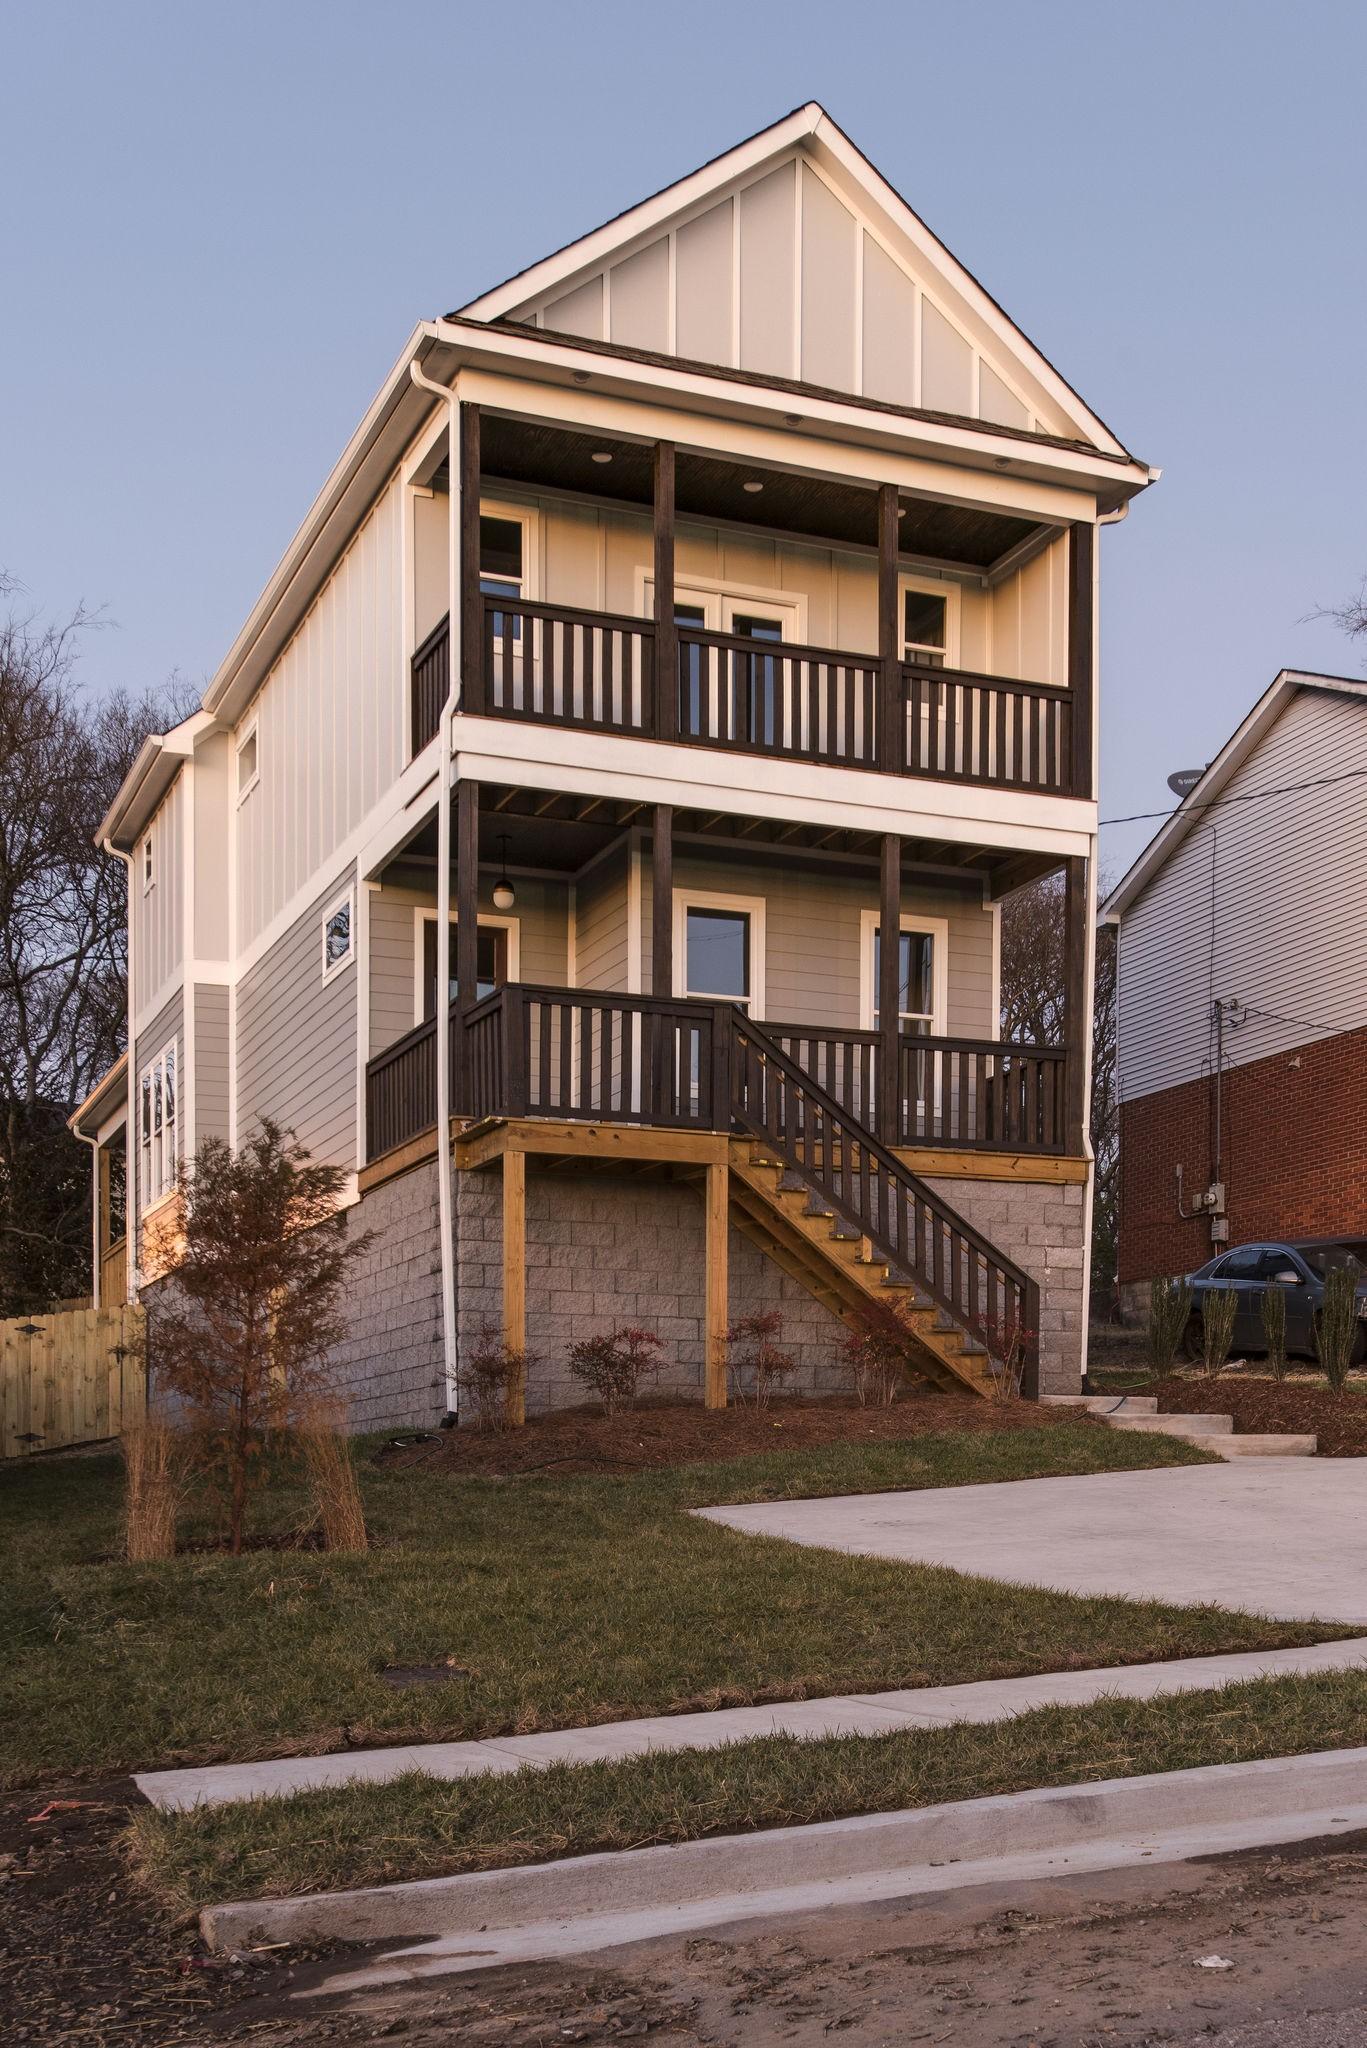 437 Dennis Dr, Nashville, TN 37207 - Nashville, TN real estate listing